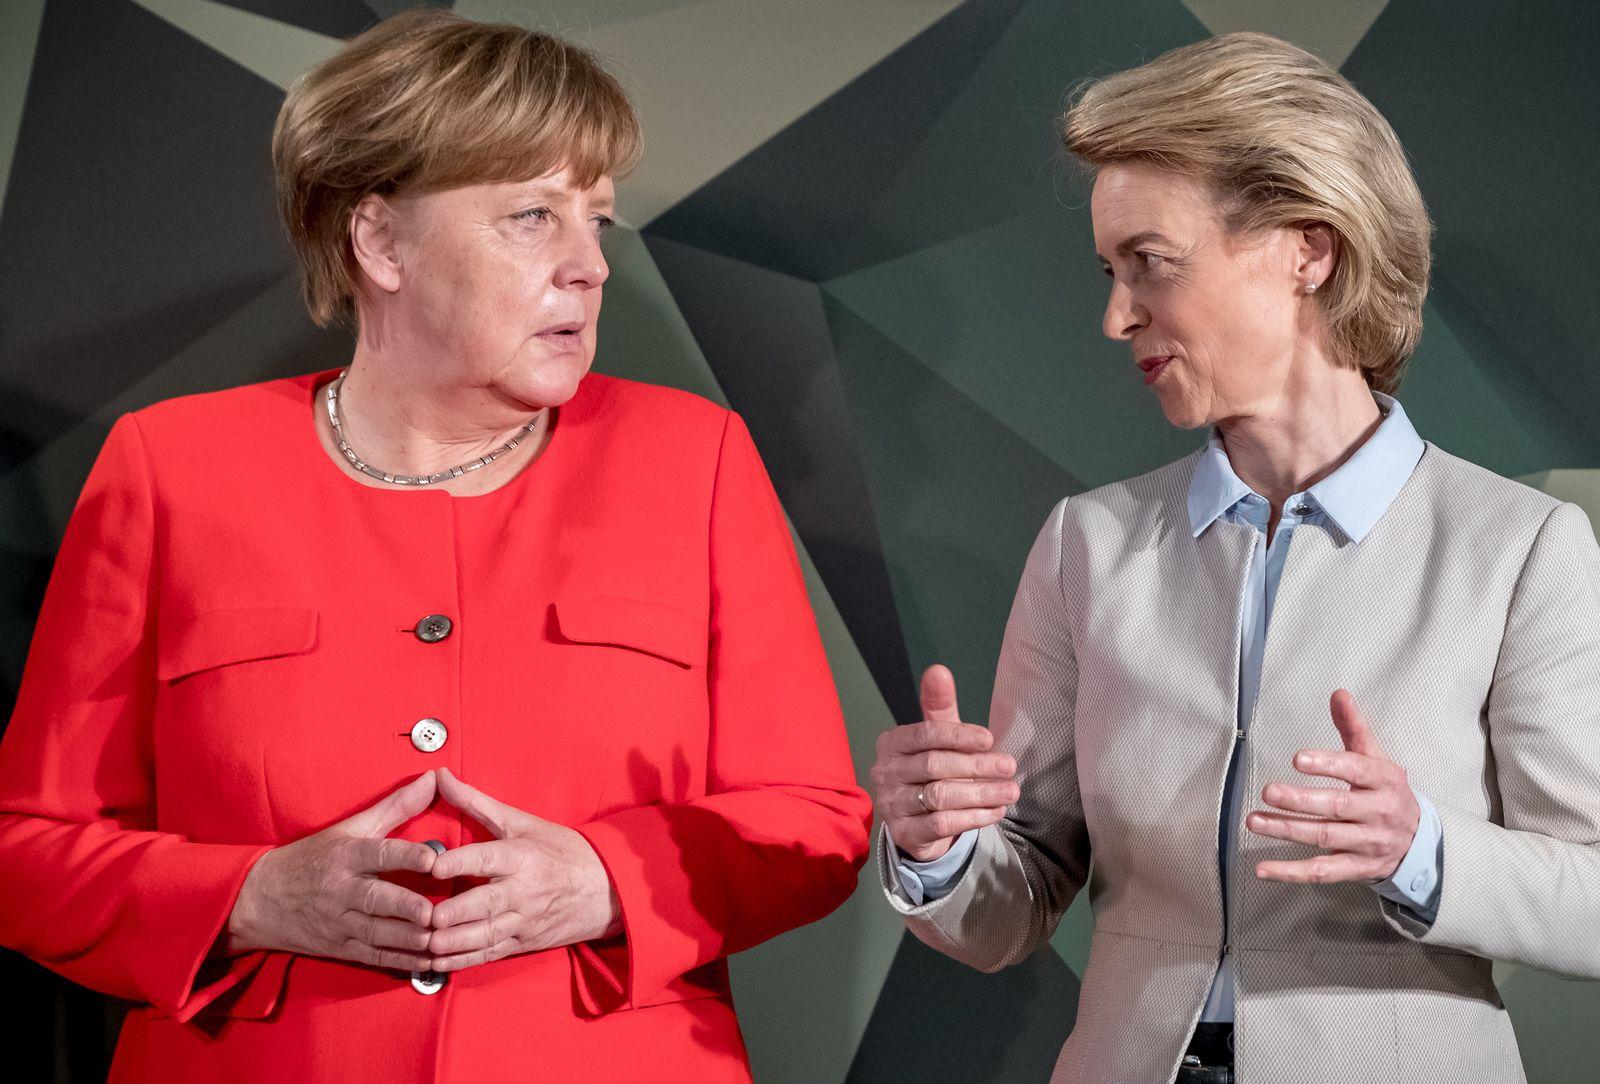 Bundeswehrtagung / Merkel / von der Leyen